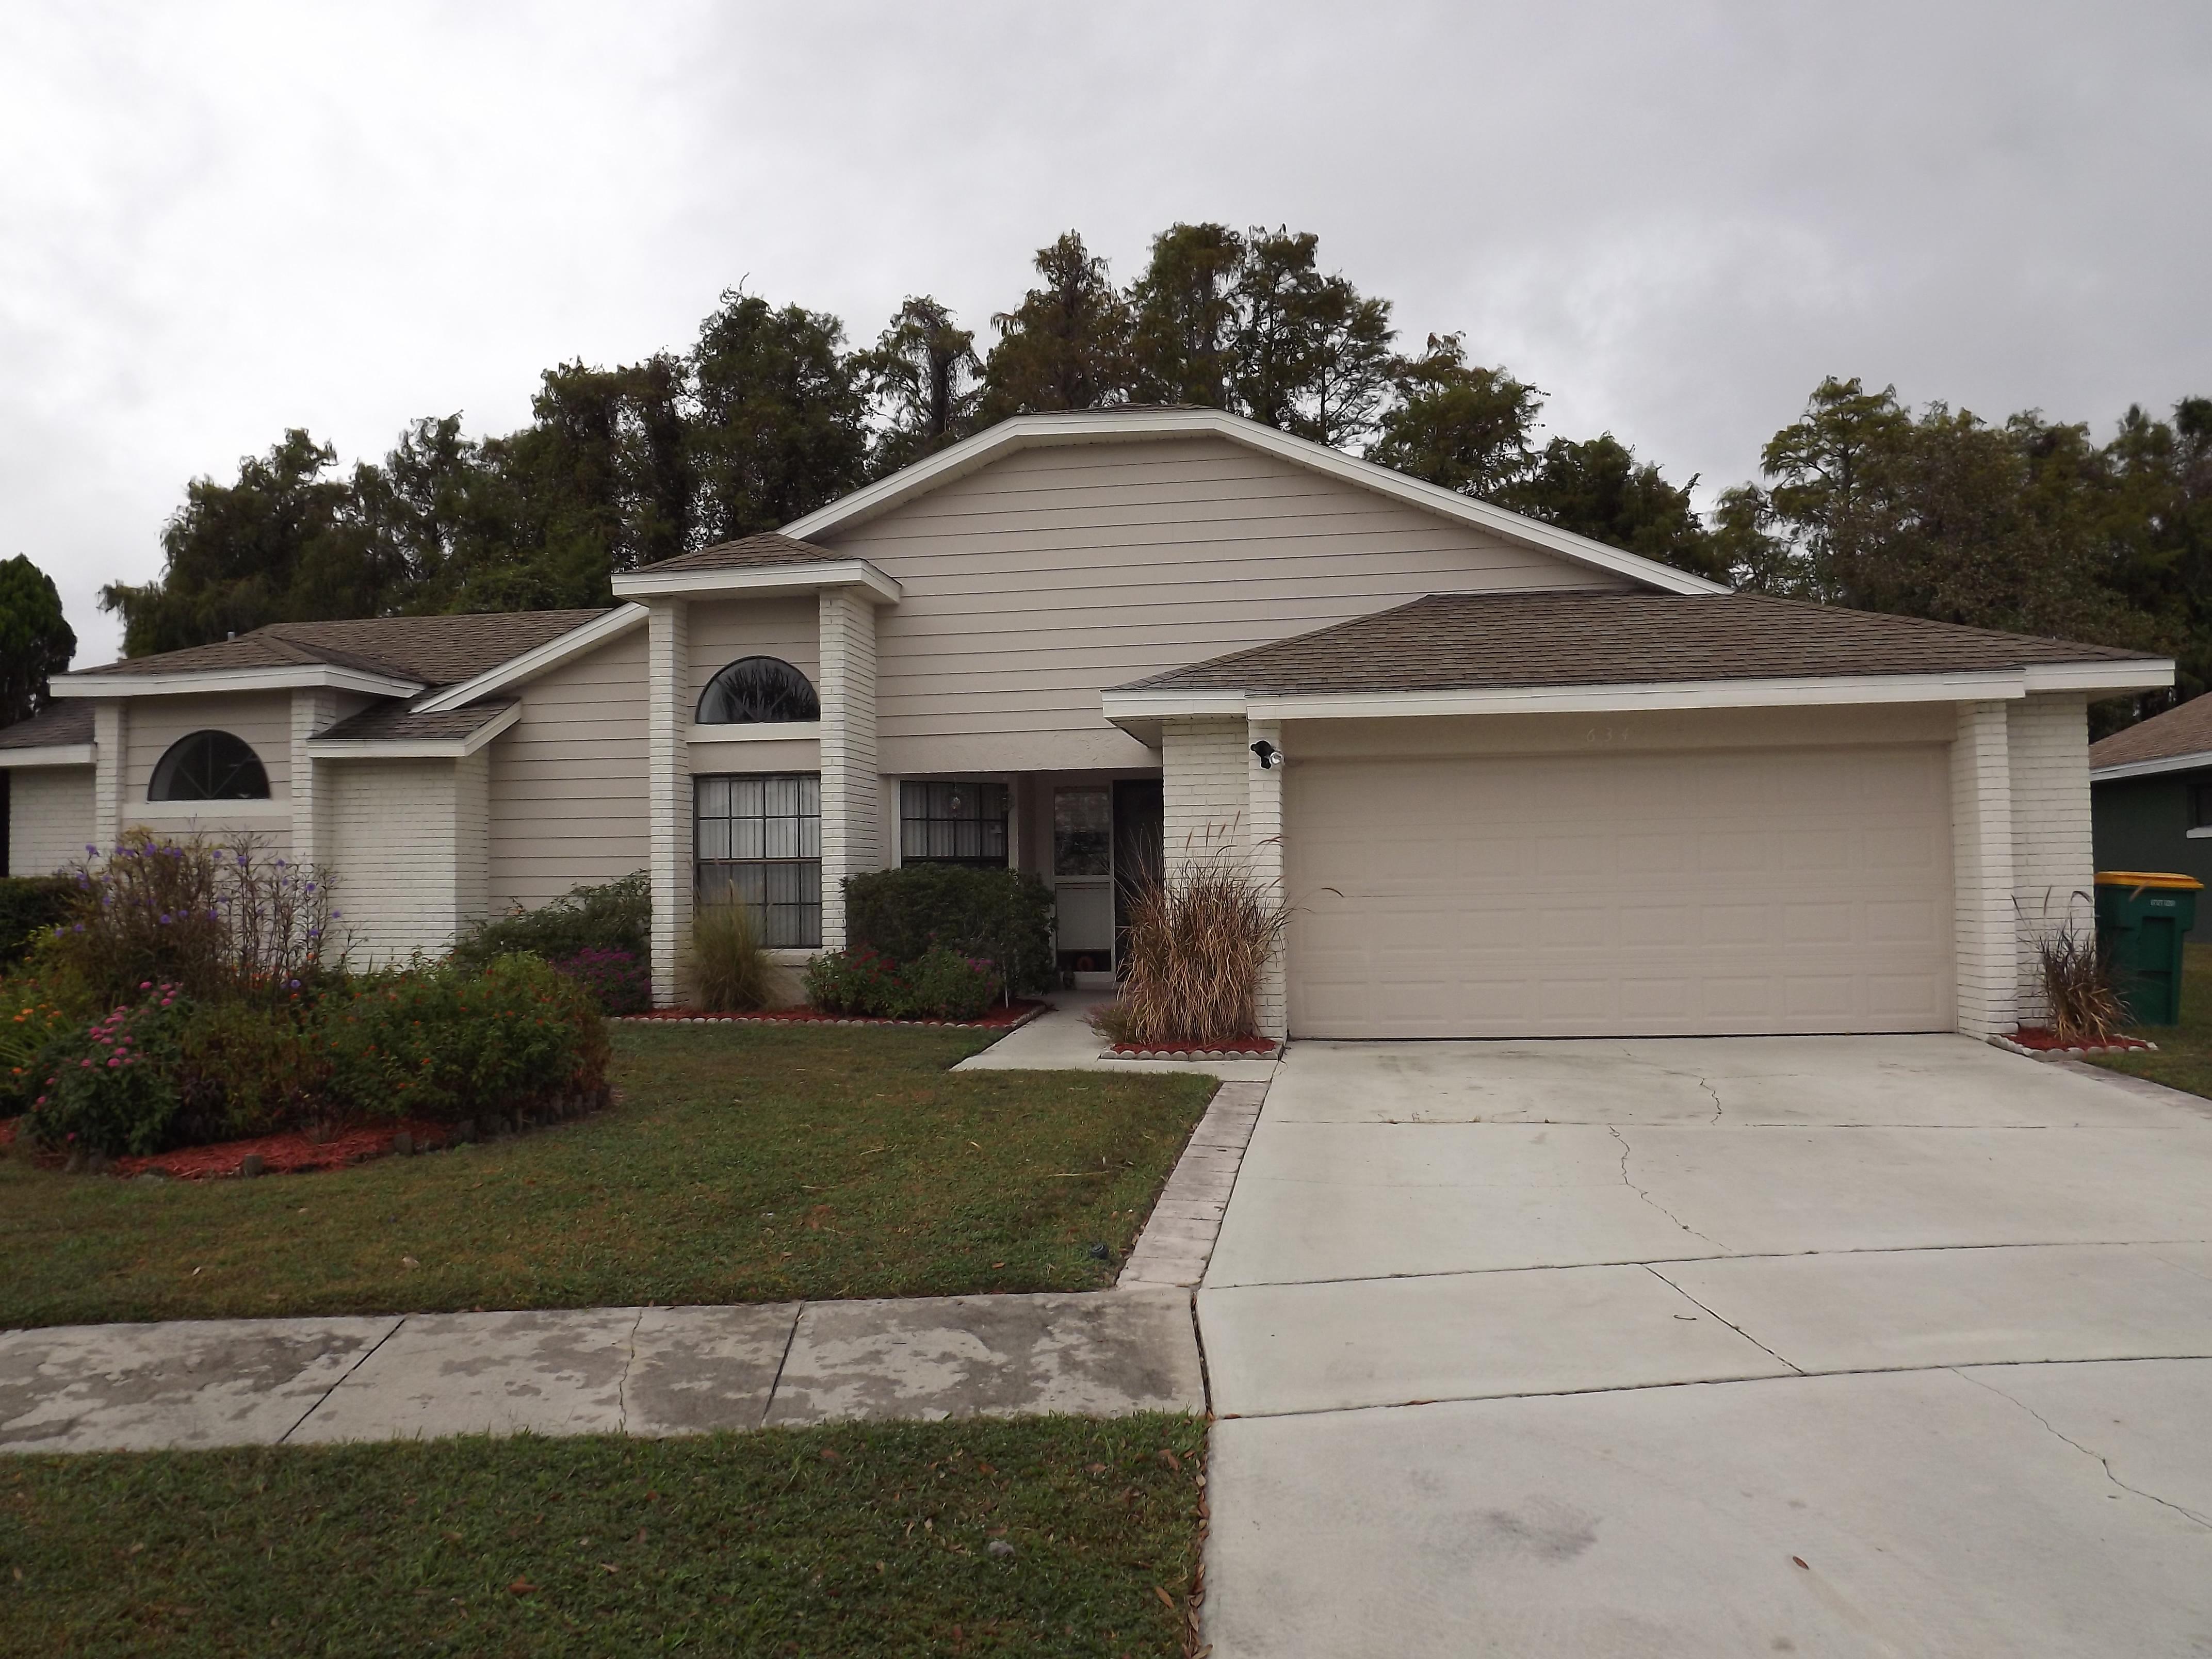 634 Moss Park Ct, Kissimmee, Florida 34743